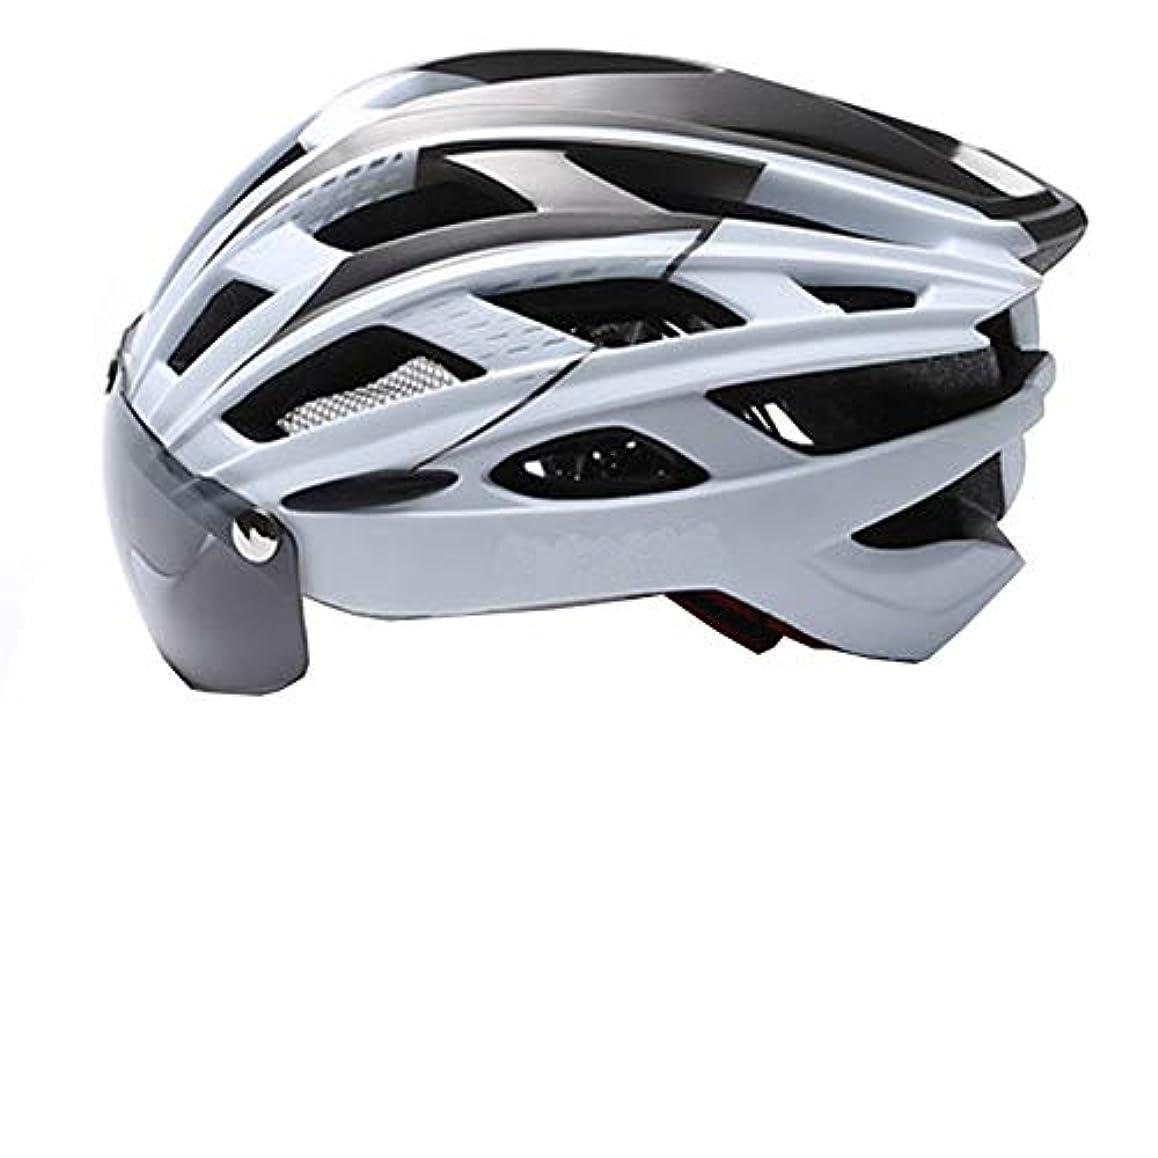 驚くばかり不良疲れたサイクリングヘルメット 超軽量 自転車ヘルメット 通気性 バイク用  自転車用